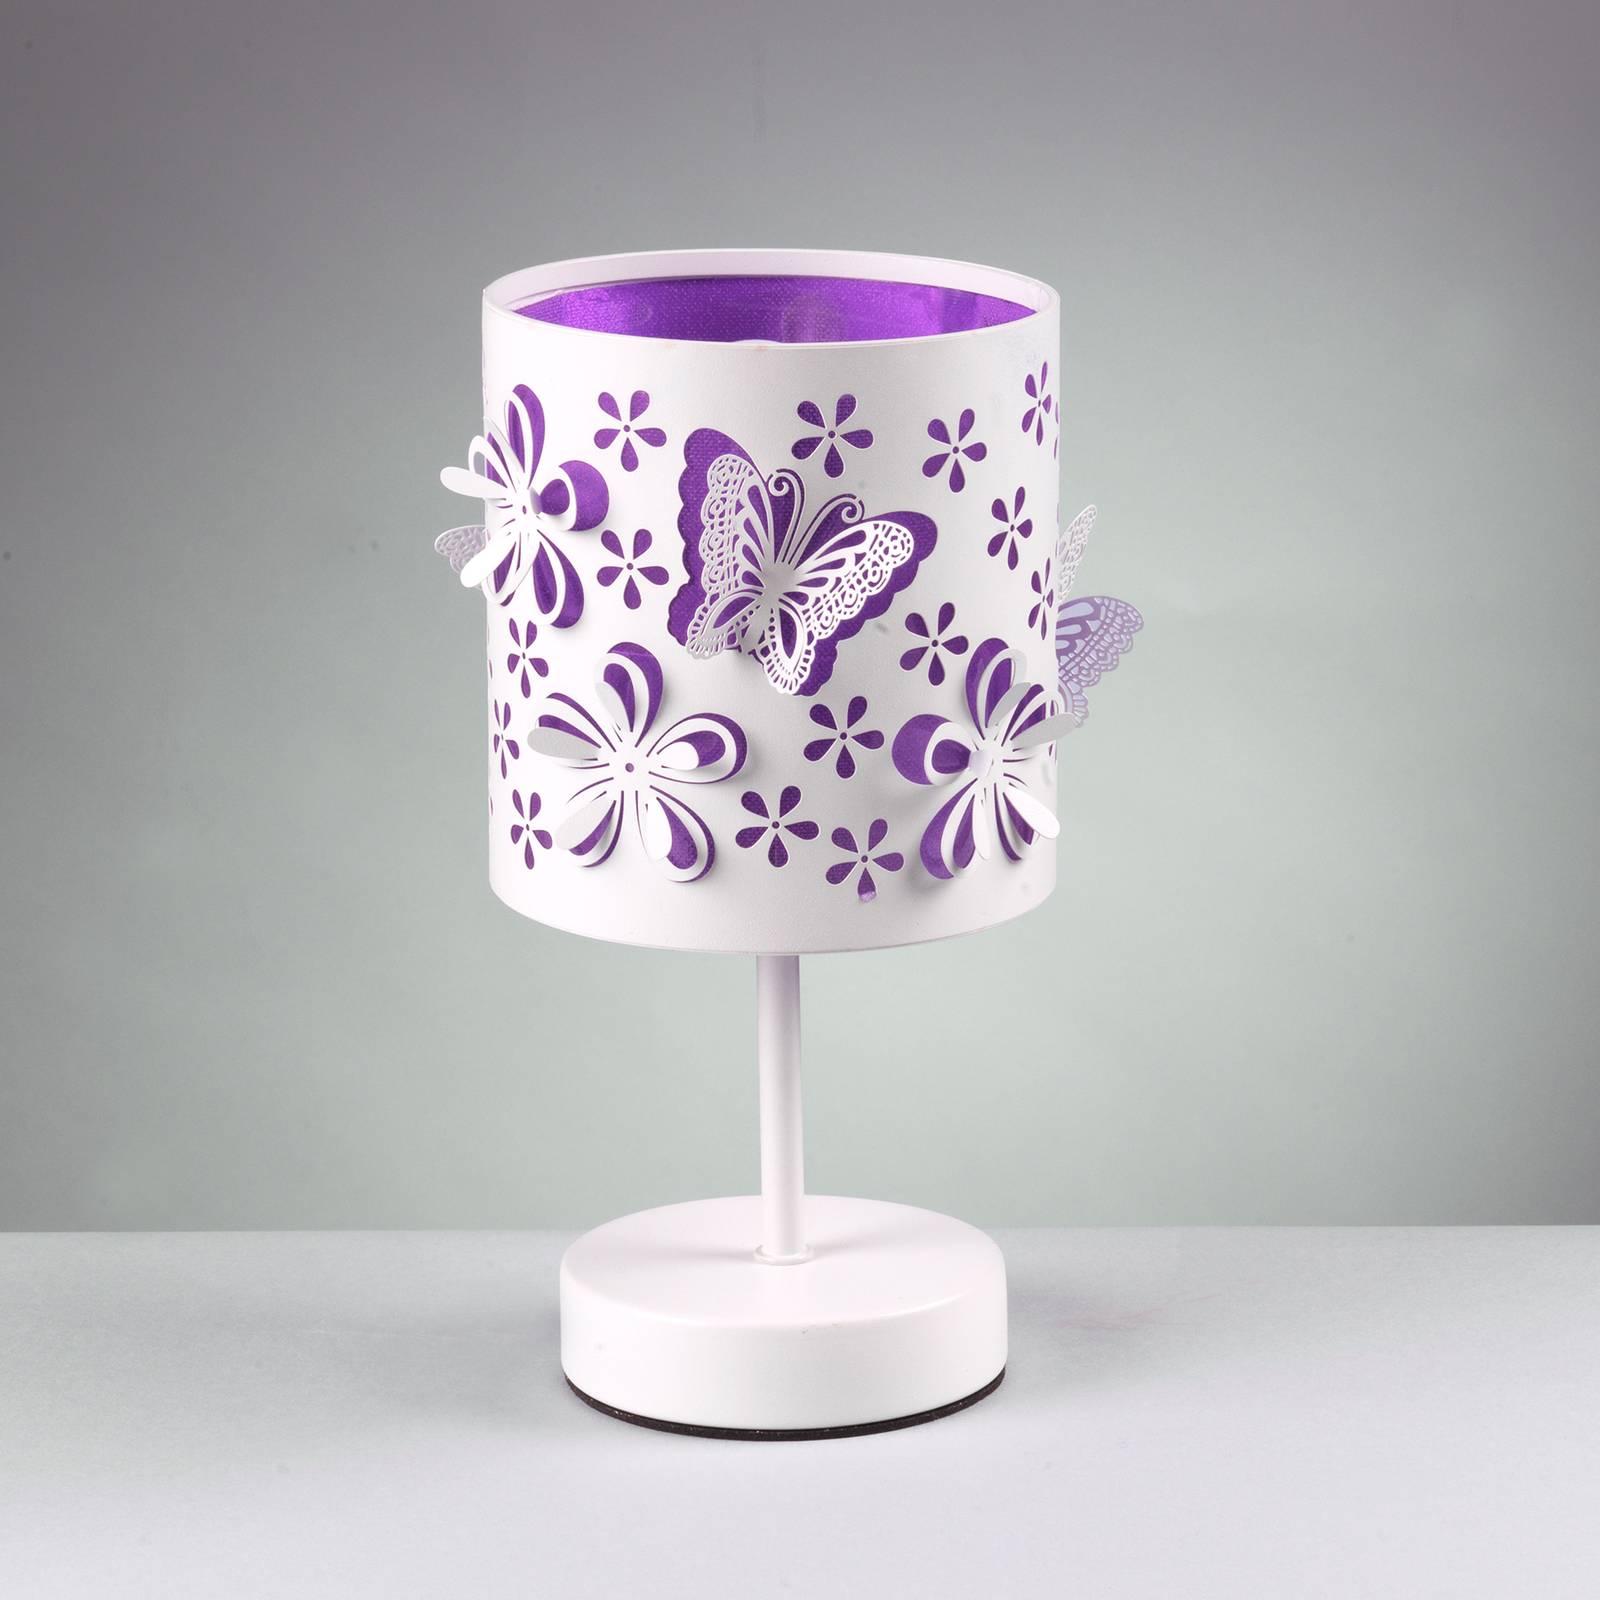 Pöytävalaisin Titilla valkoinen, violetti